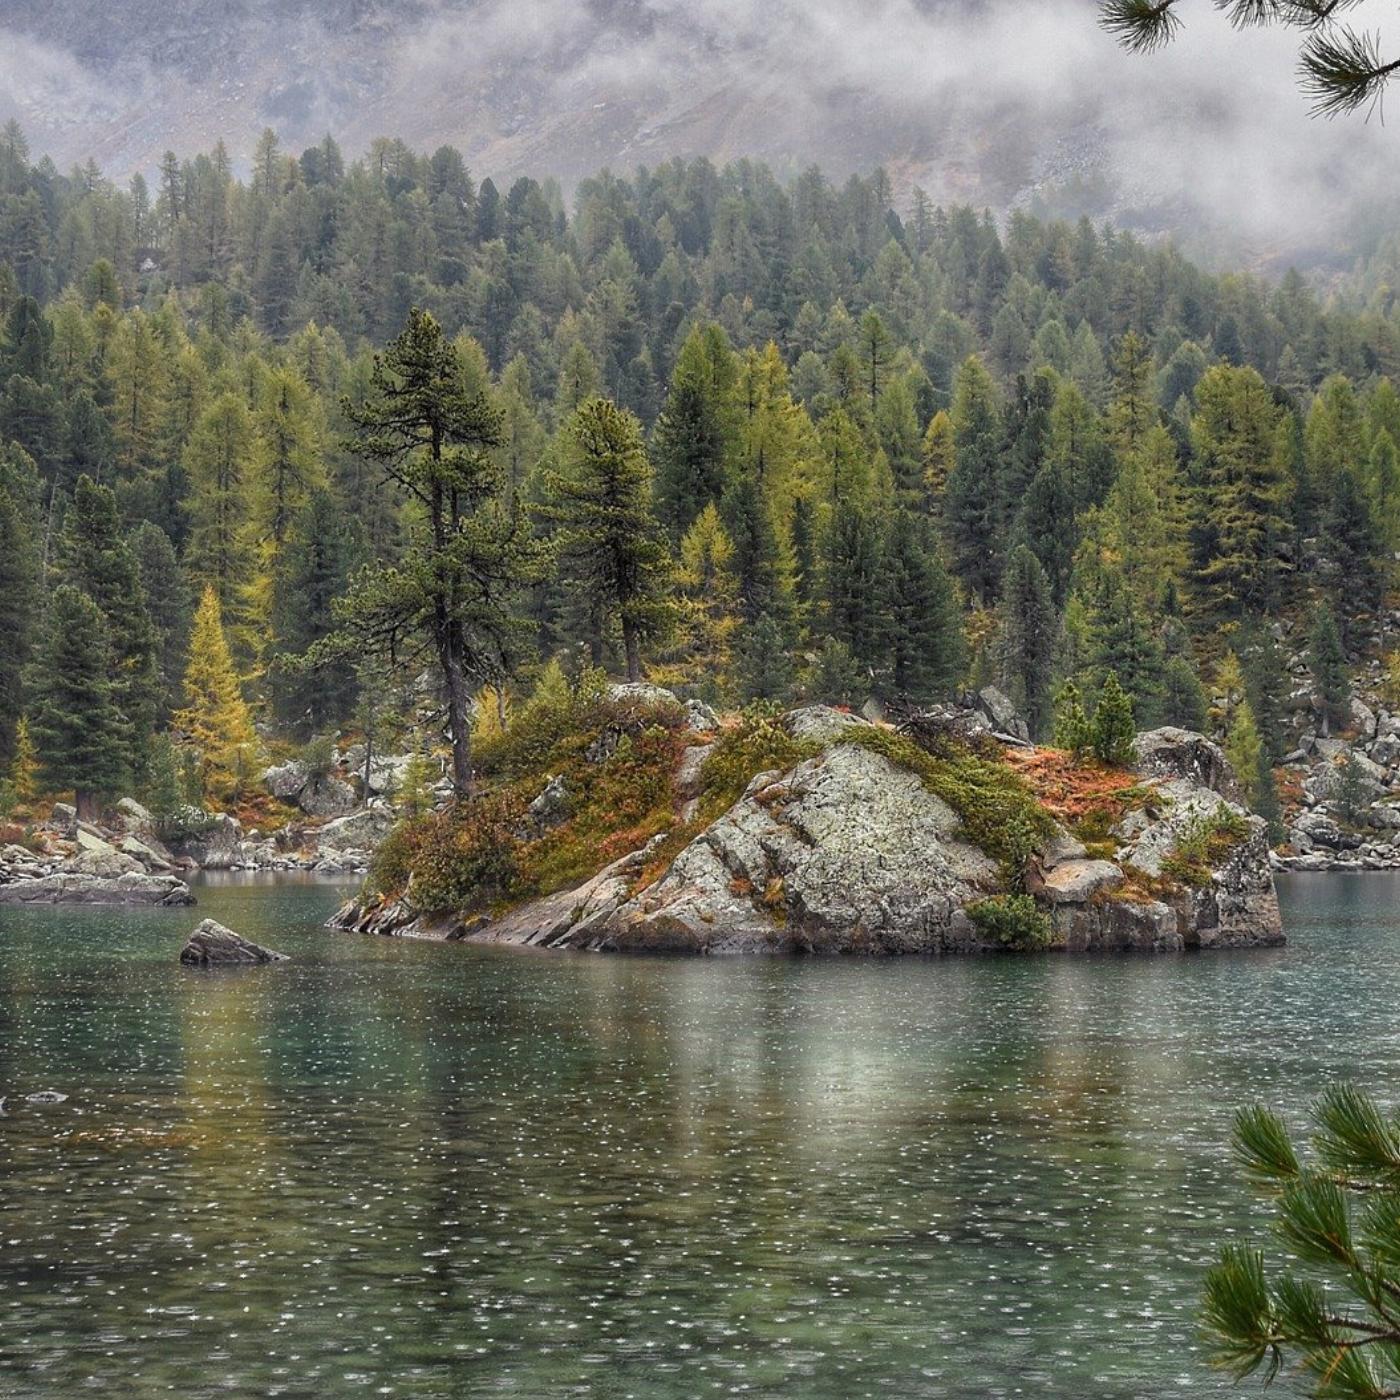 【湖畔細雨聲】鋼琴伴著雨聲的平靜與安寧   幫助自律神經放鬆